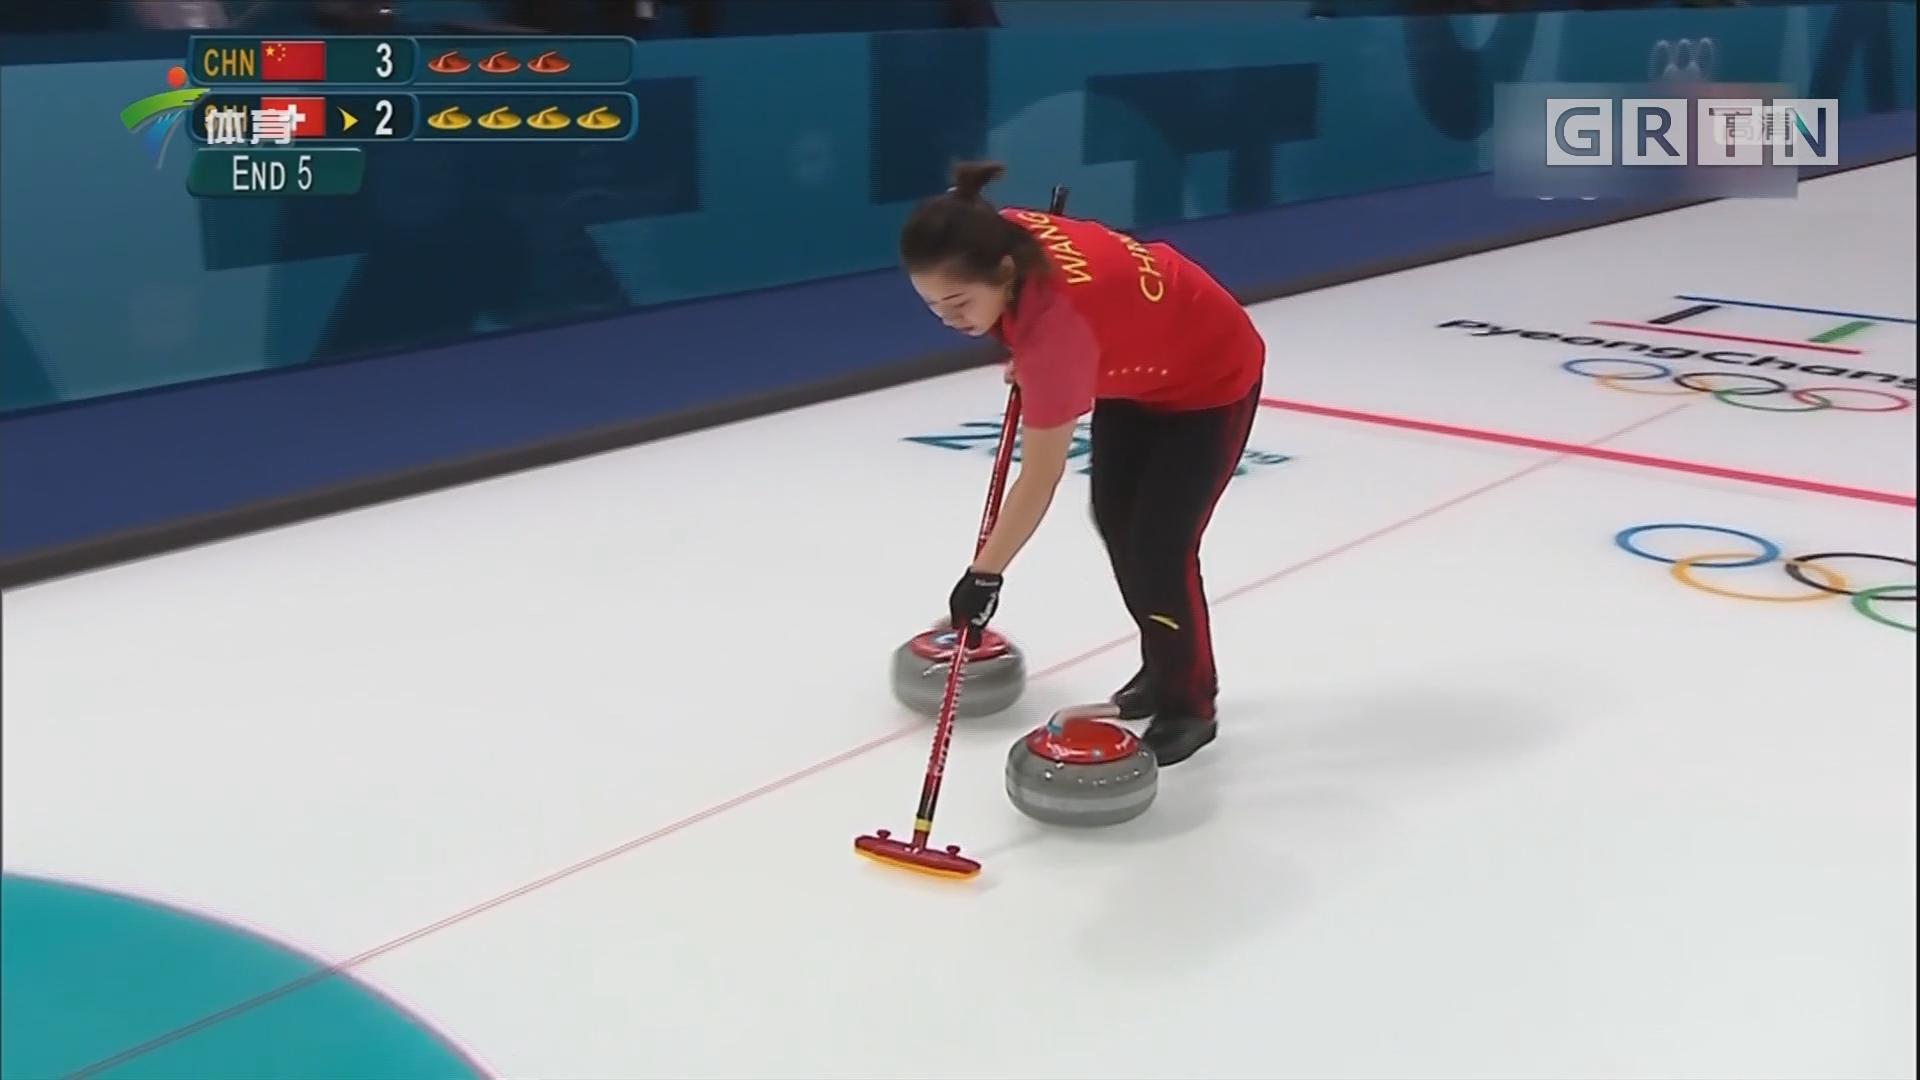 冬奥会冰壶混双 中国组合无缘开门红